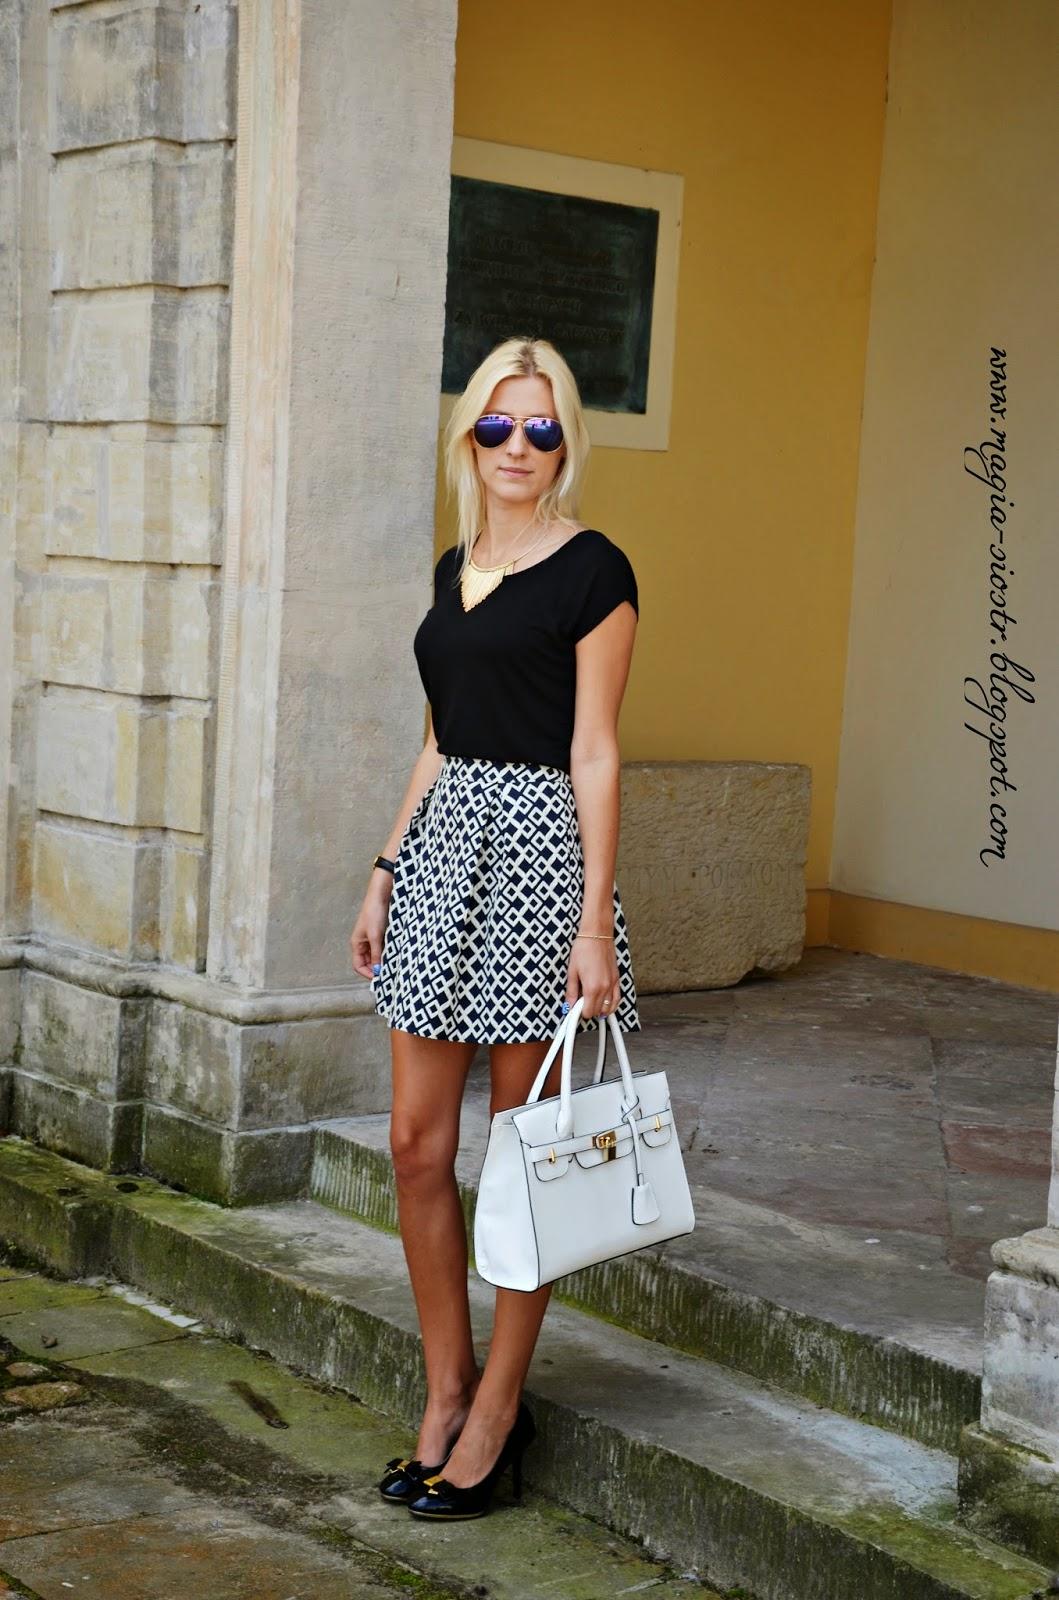 Biała torebka, spódnica we wzory